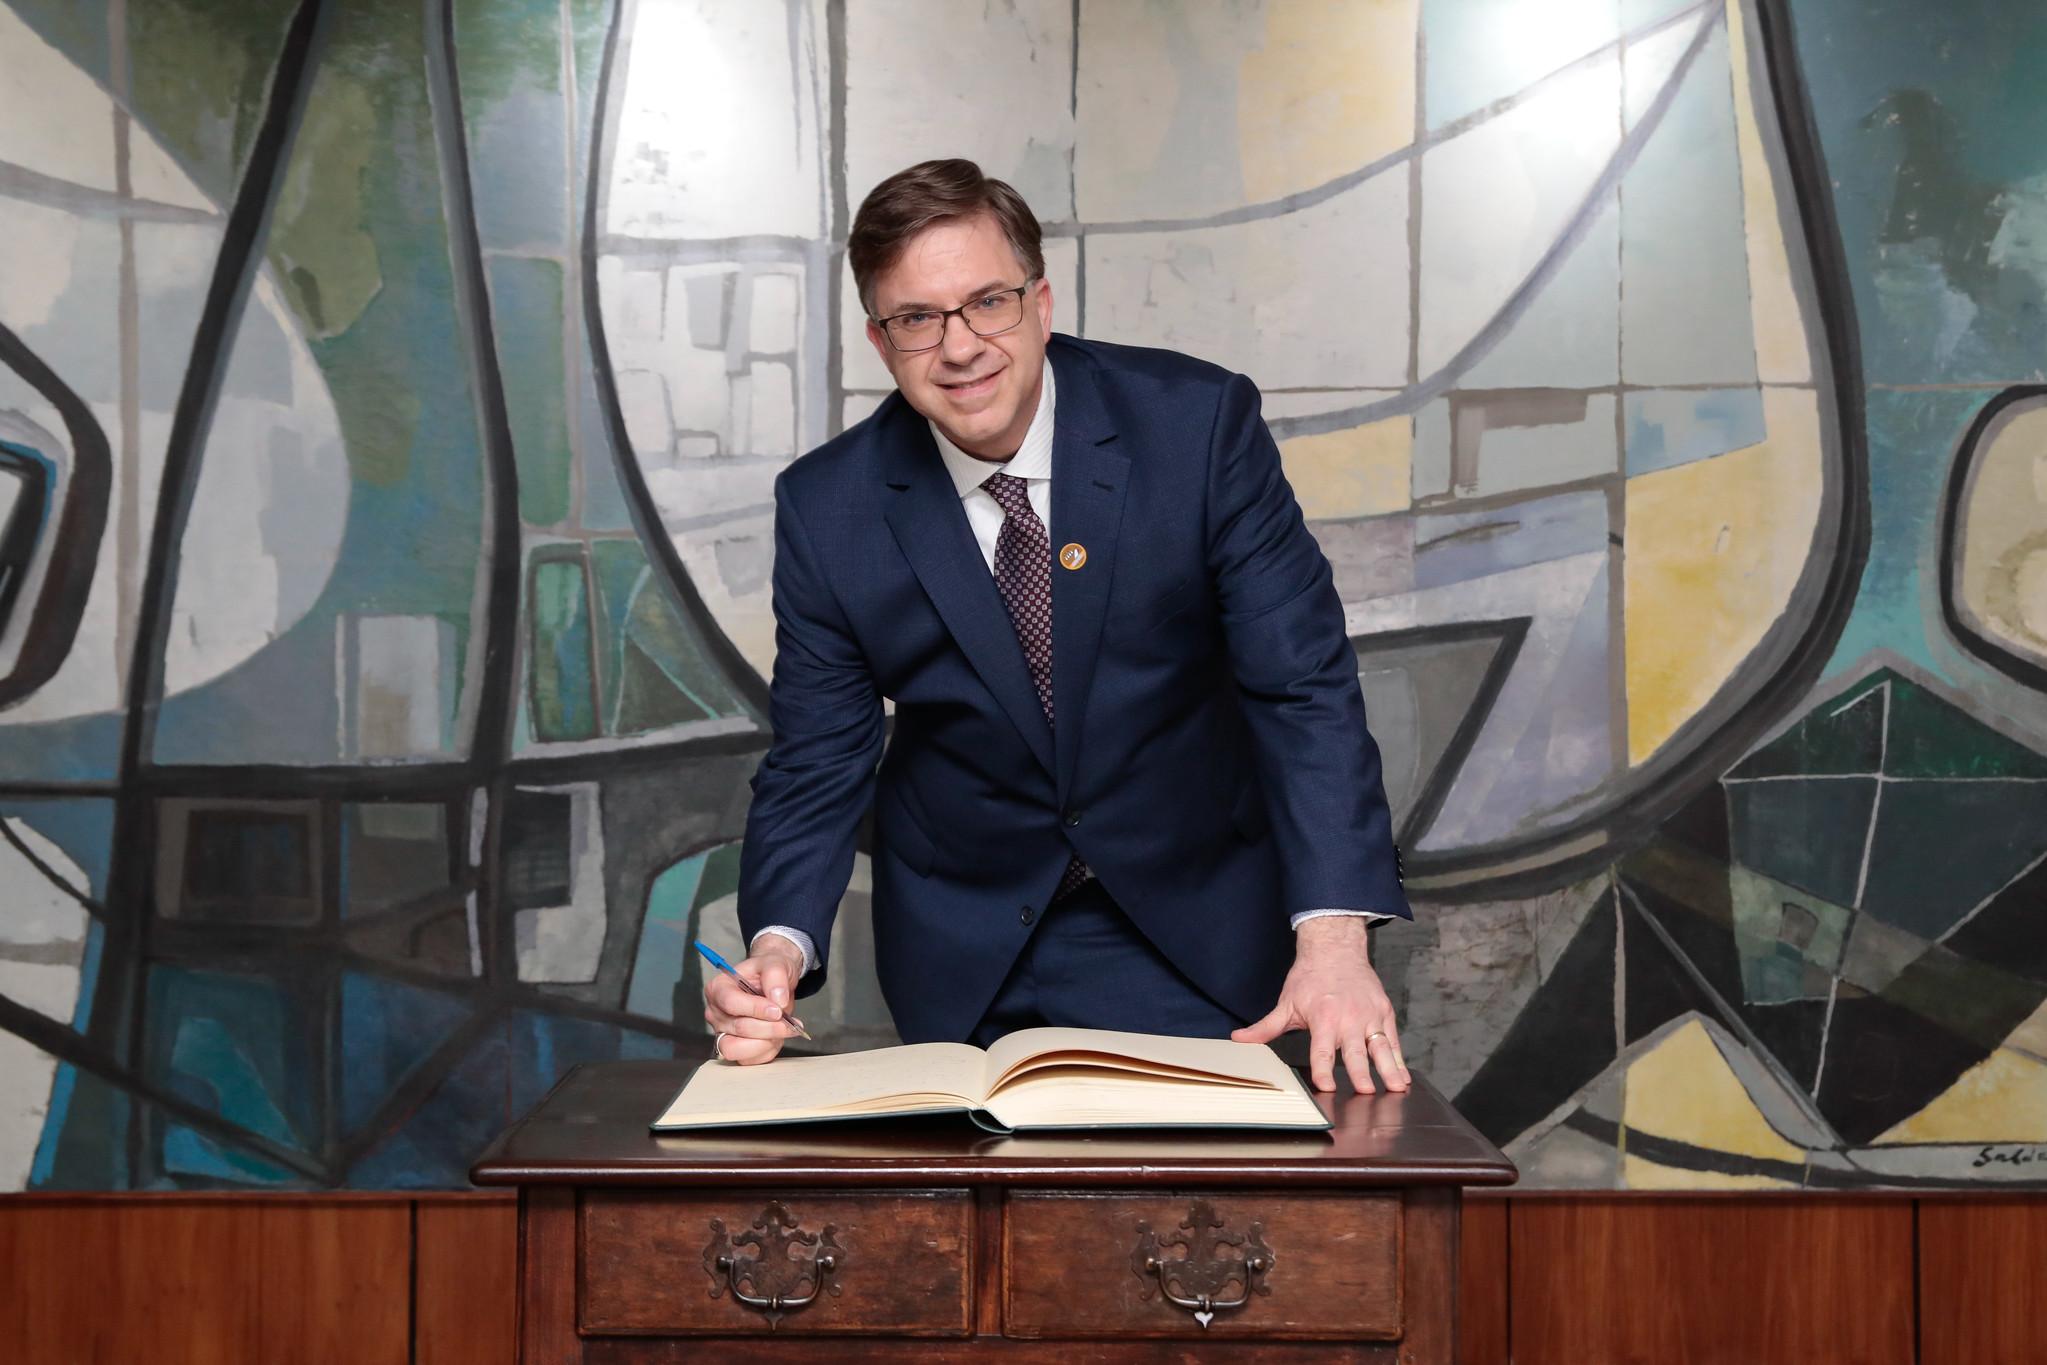 """IMAGEM: Embaixador dos EUA, sobre 5G do Brasil: """"Selecione seus parceiros com cuidado"""""""